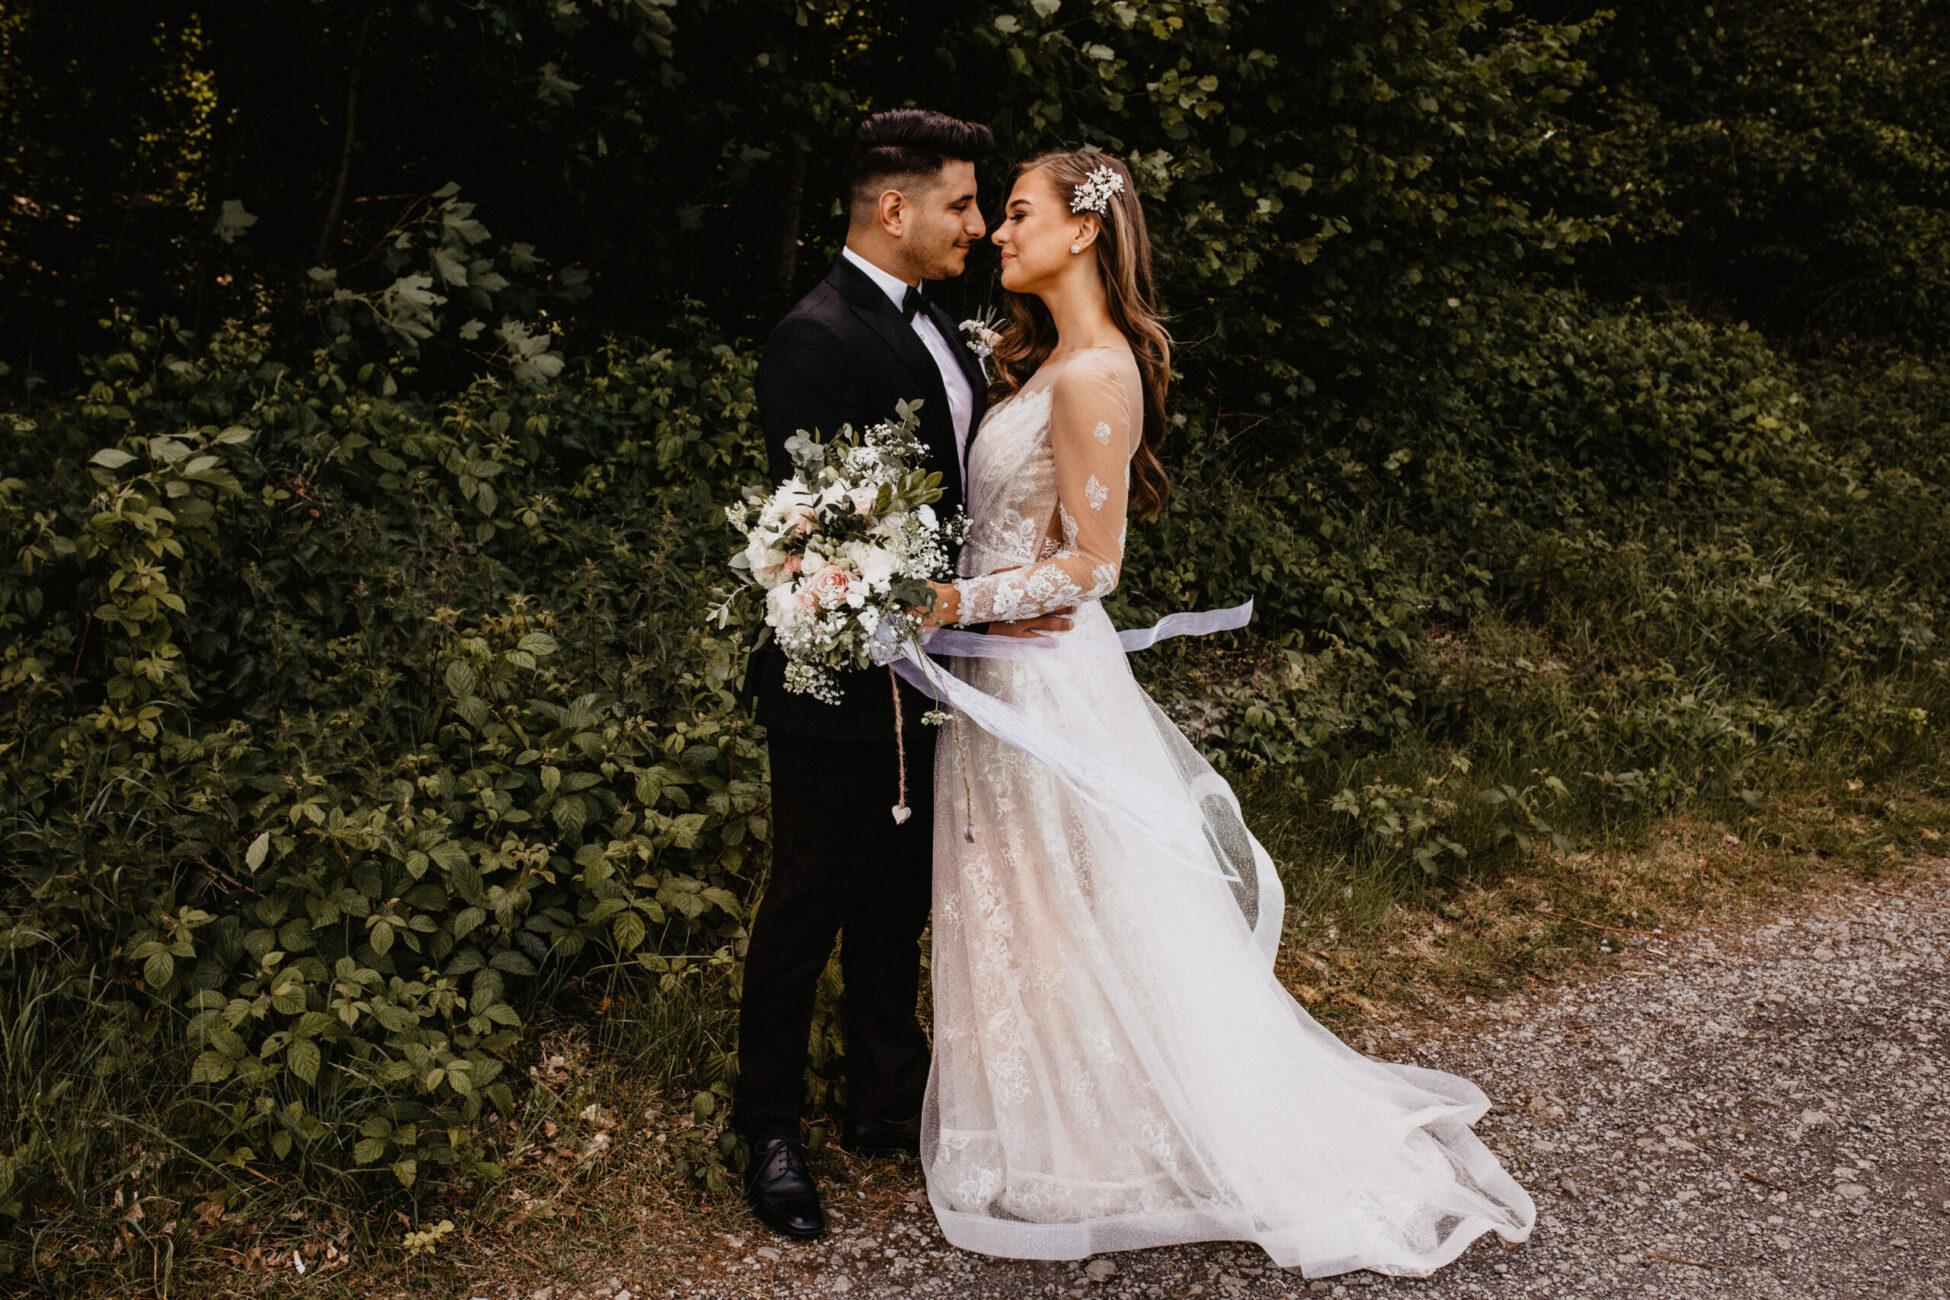 Hochzeitsfotograf Lüdenscheid - Brautpaarshooting